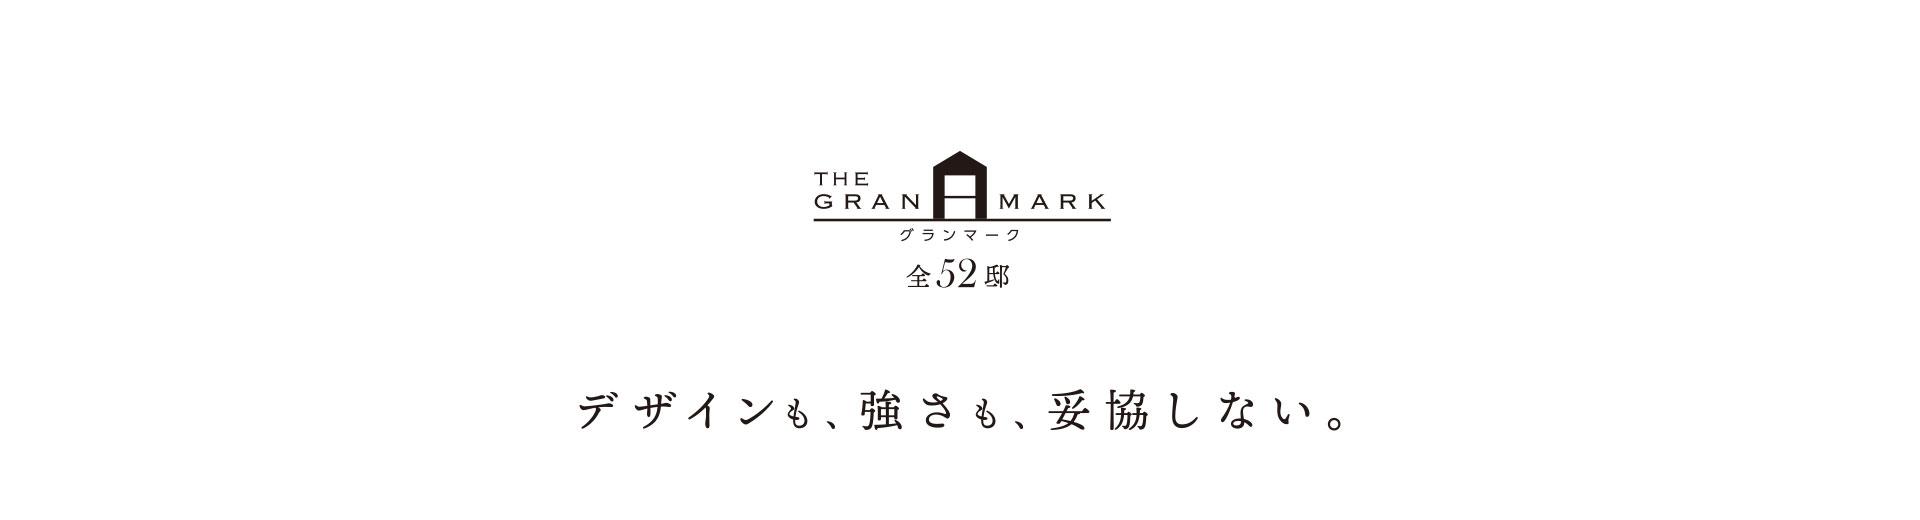 file_name_pc-file_name_pc-sagimumatop1920_520.jpg